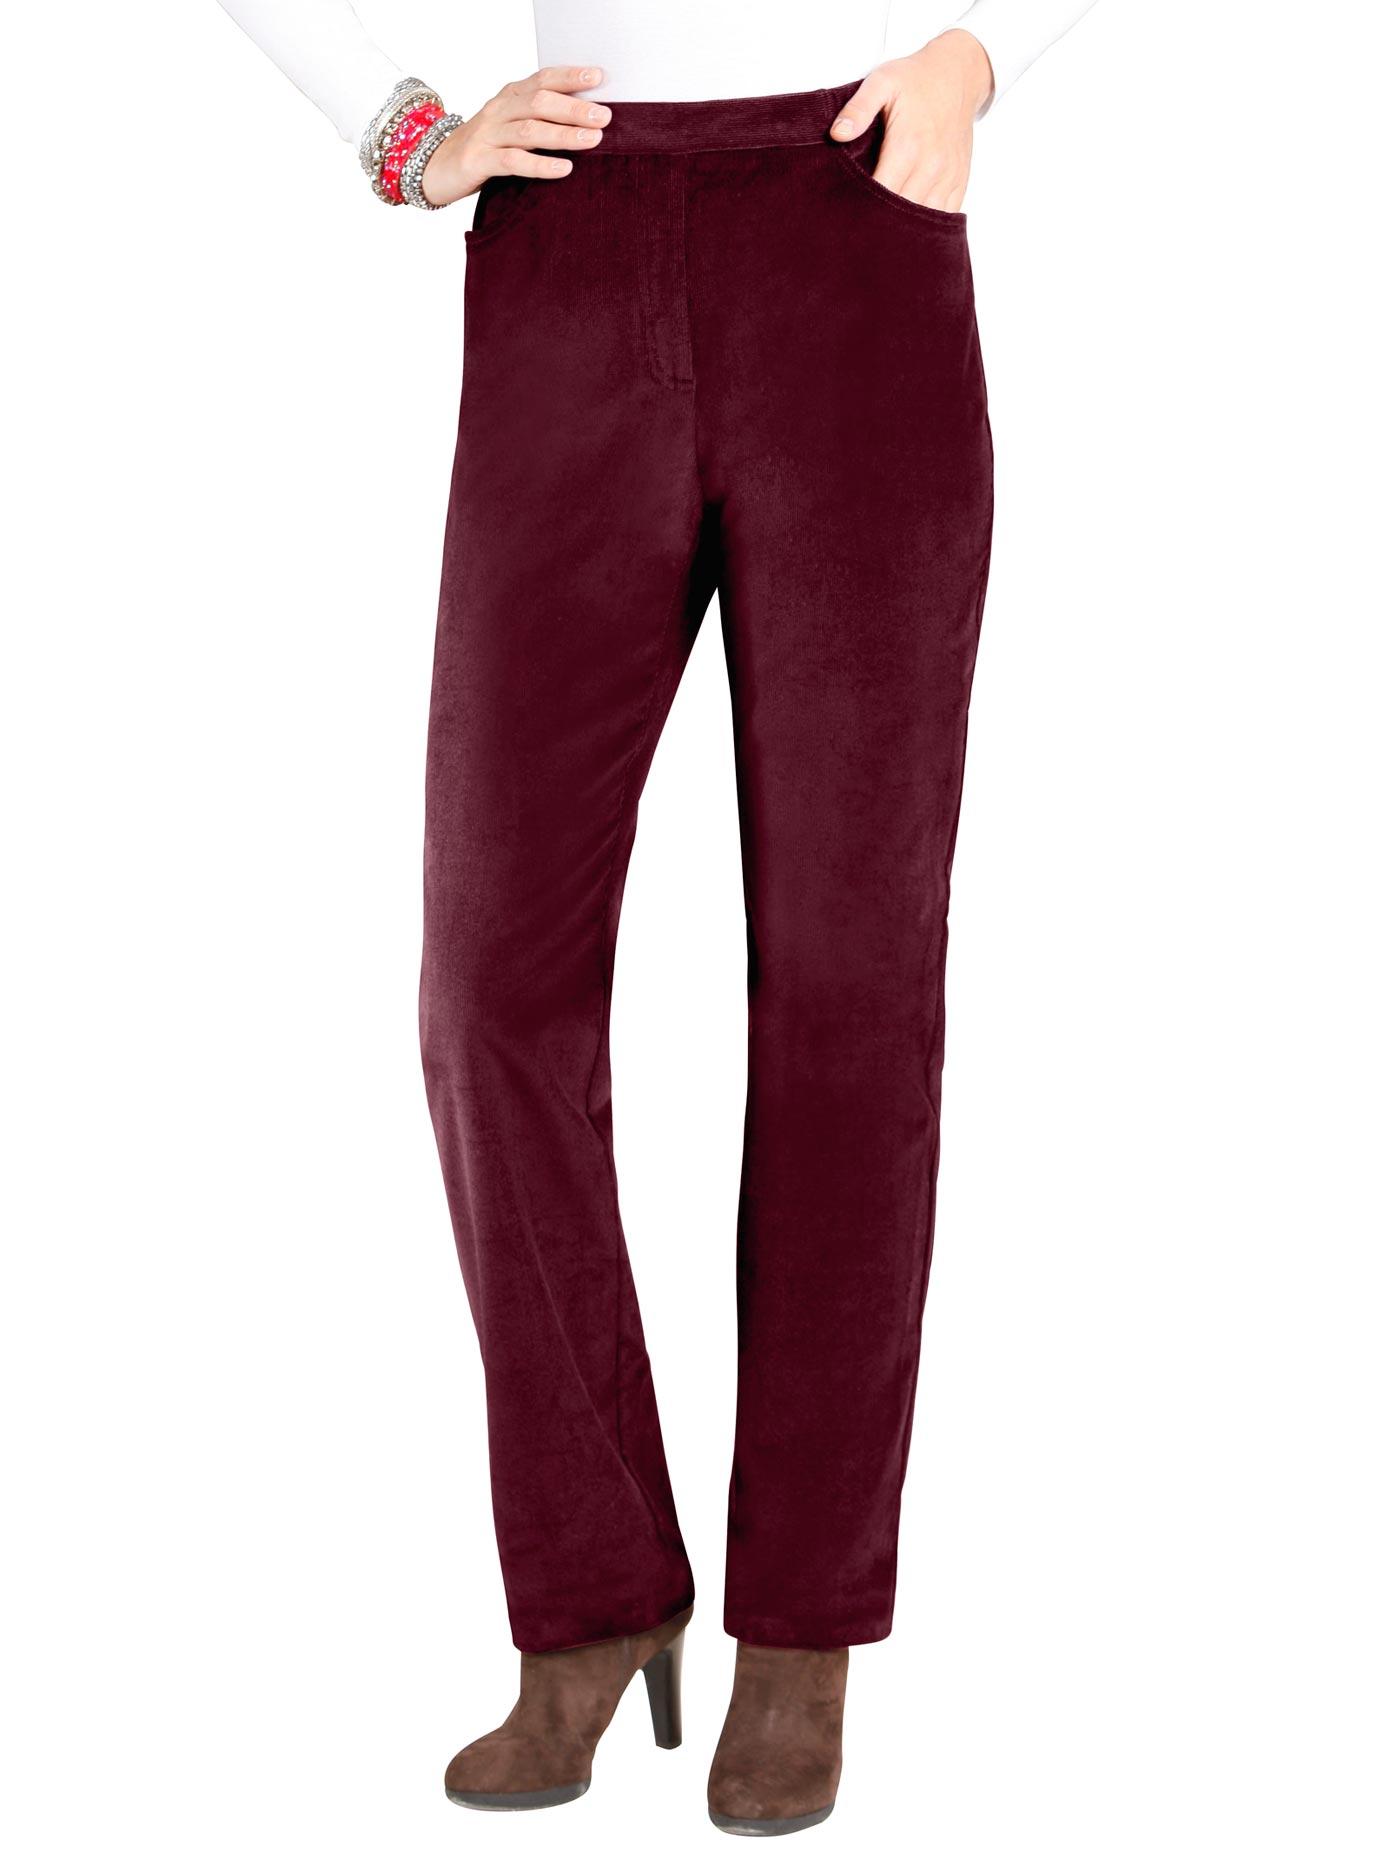 classic basics -  Cord-Hose mit fester Bundpatte vorne für eine flache Bauchpartie